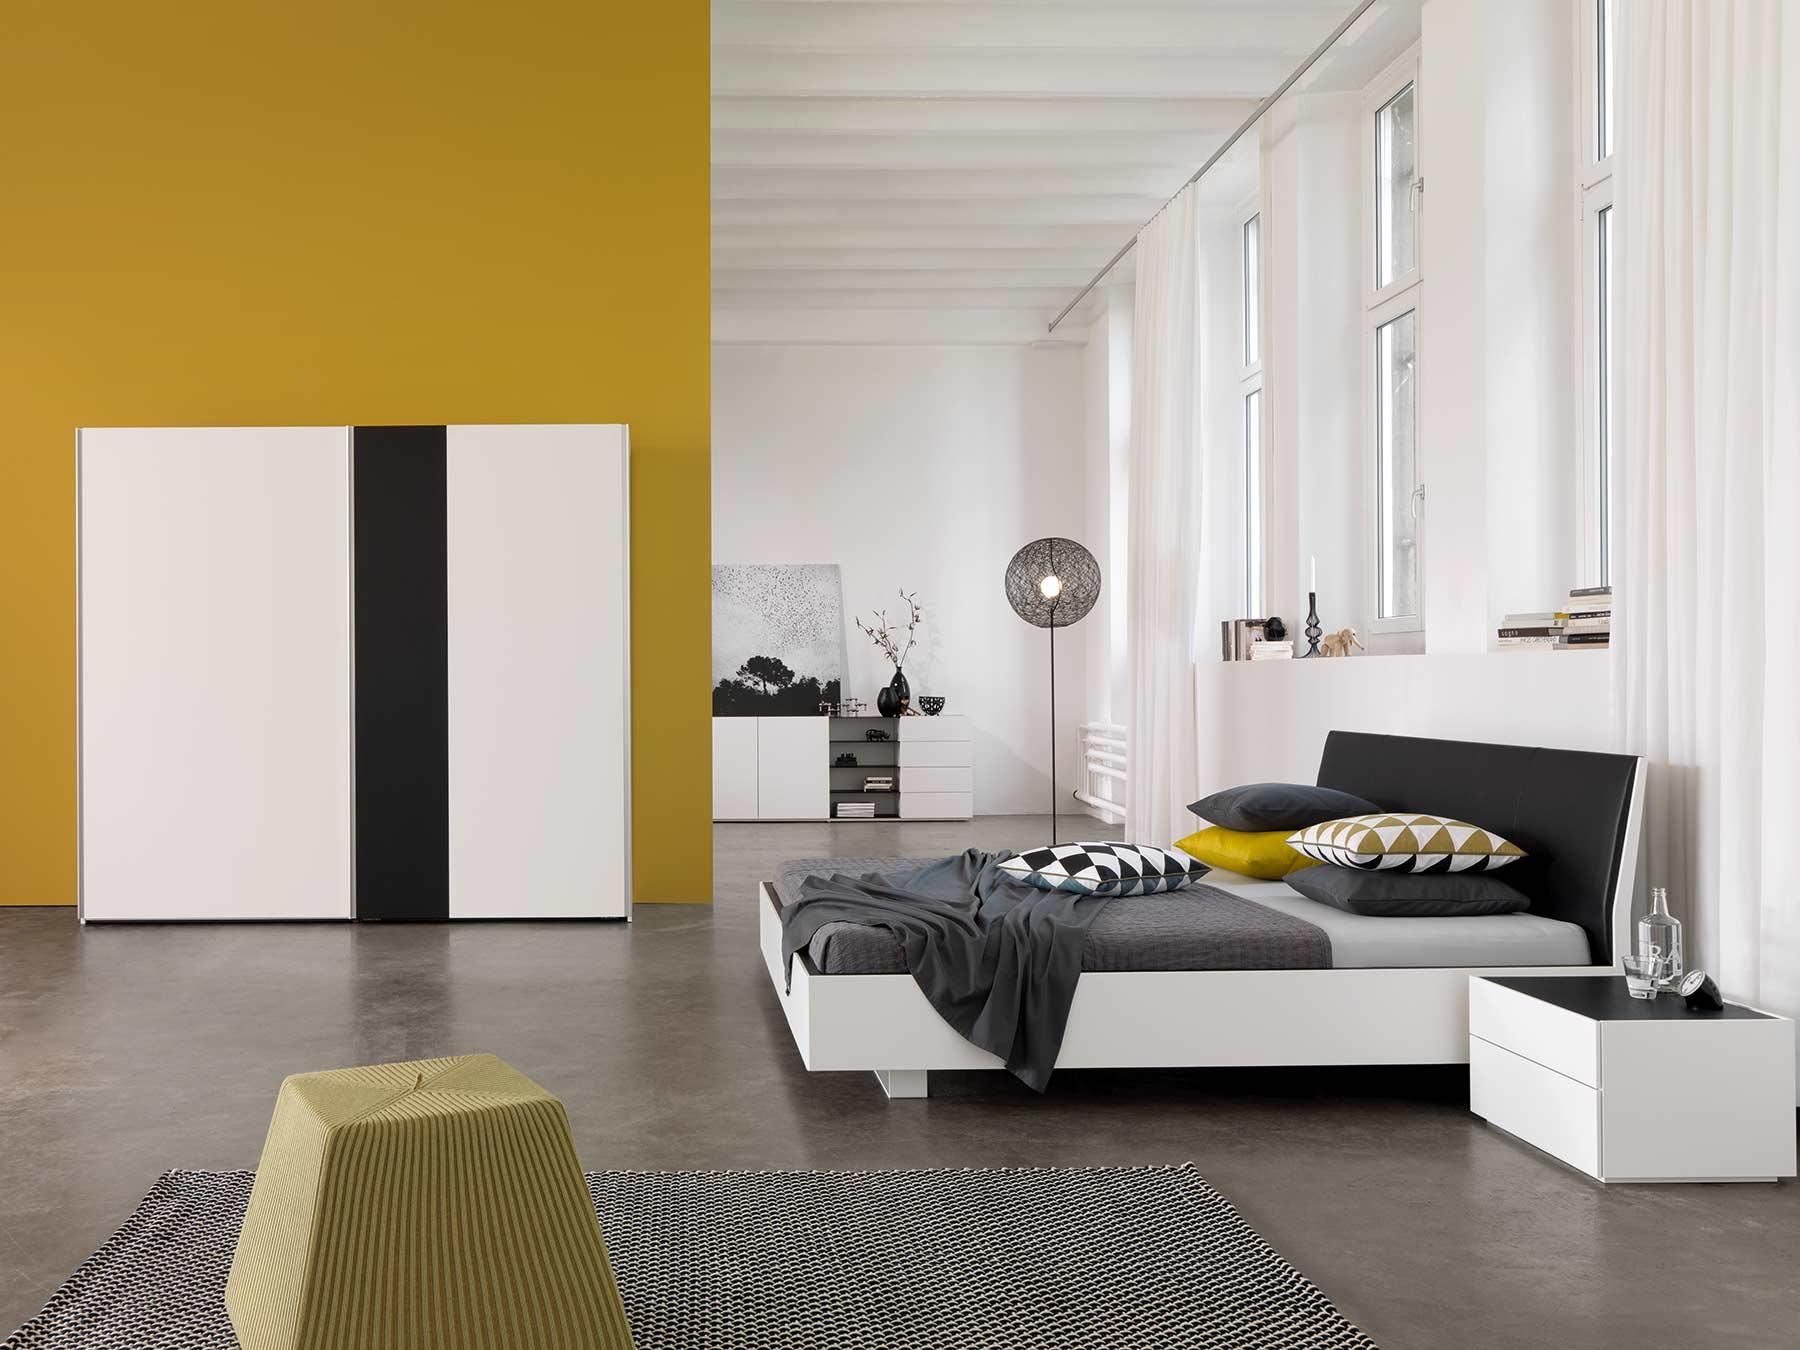 13: Modernes Schlafzimmer In Schwarz / Weiss. Ob Glas Oder Lack, Sie Haben